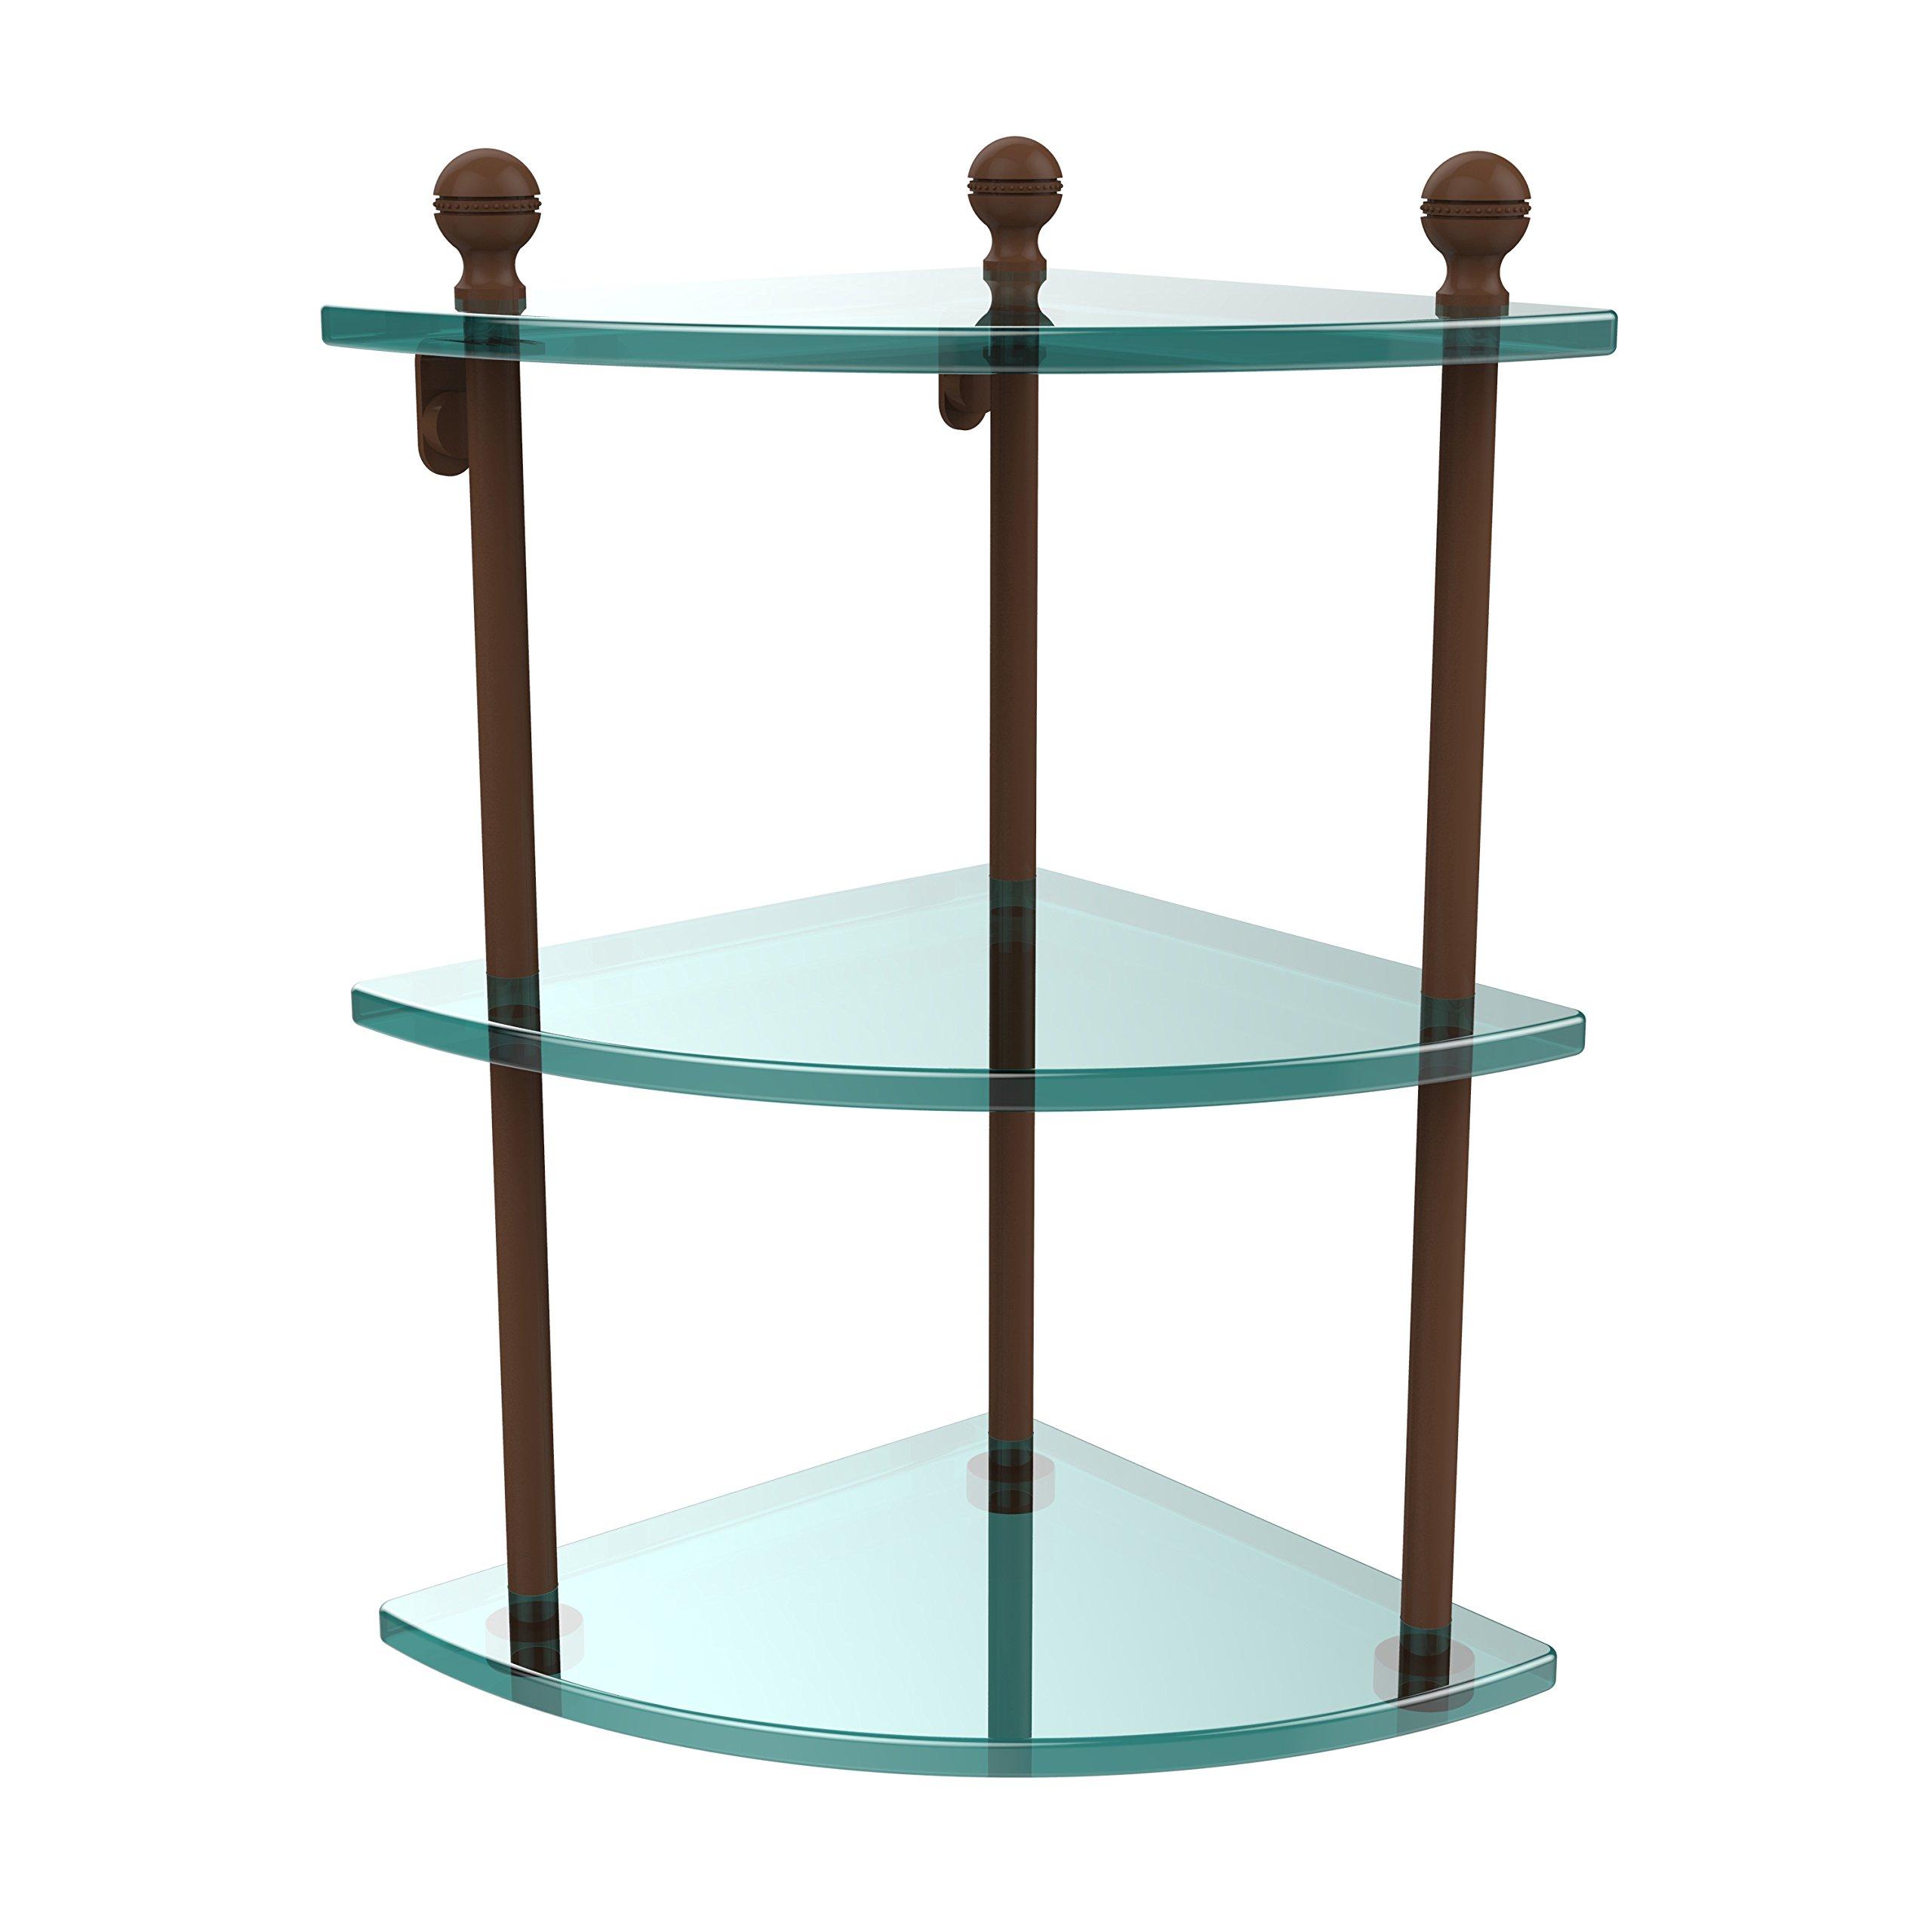 Allied Brass MA-6-ABZ Triple Corner Glass Shelf Antique Bronze by Allied Brass